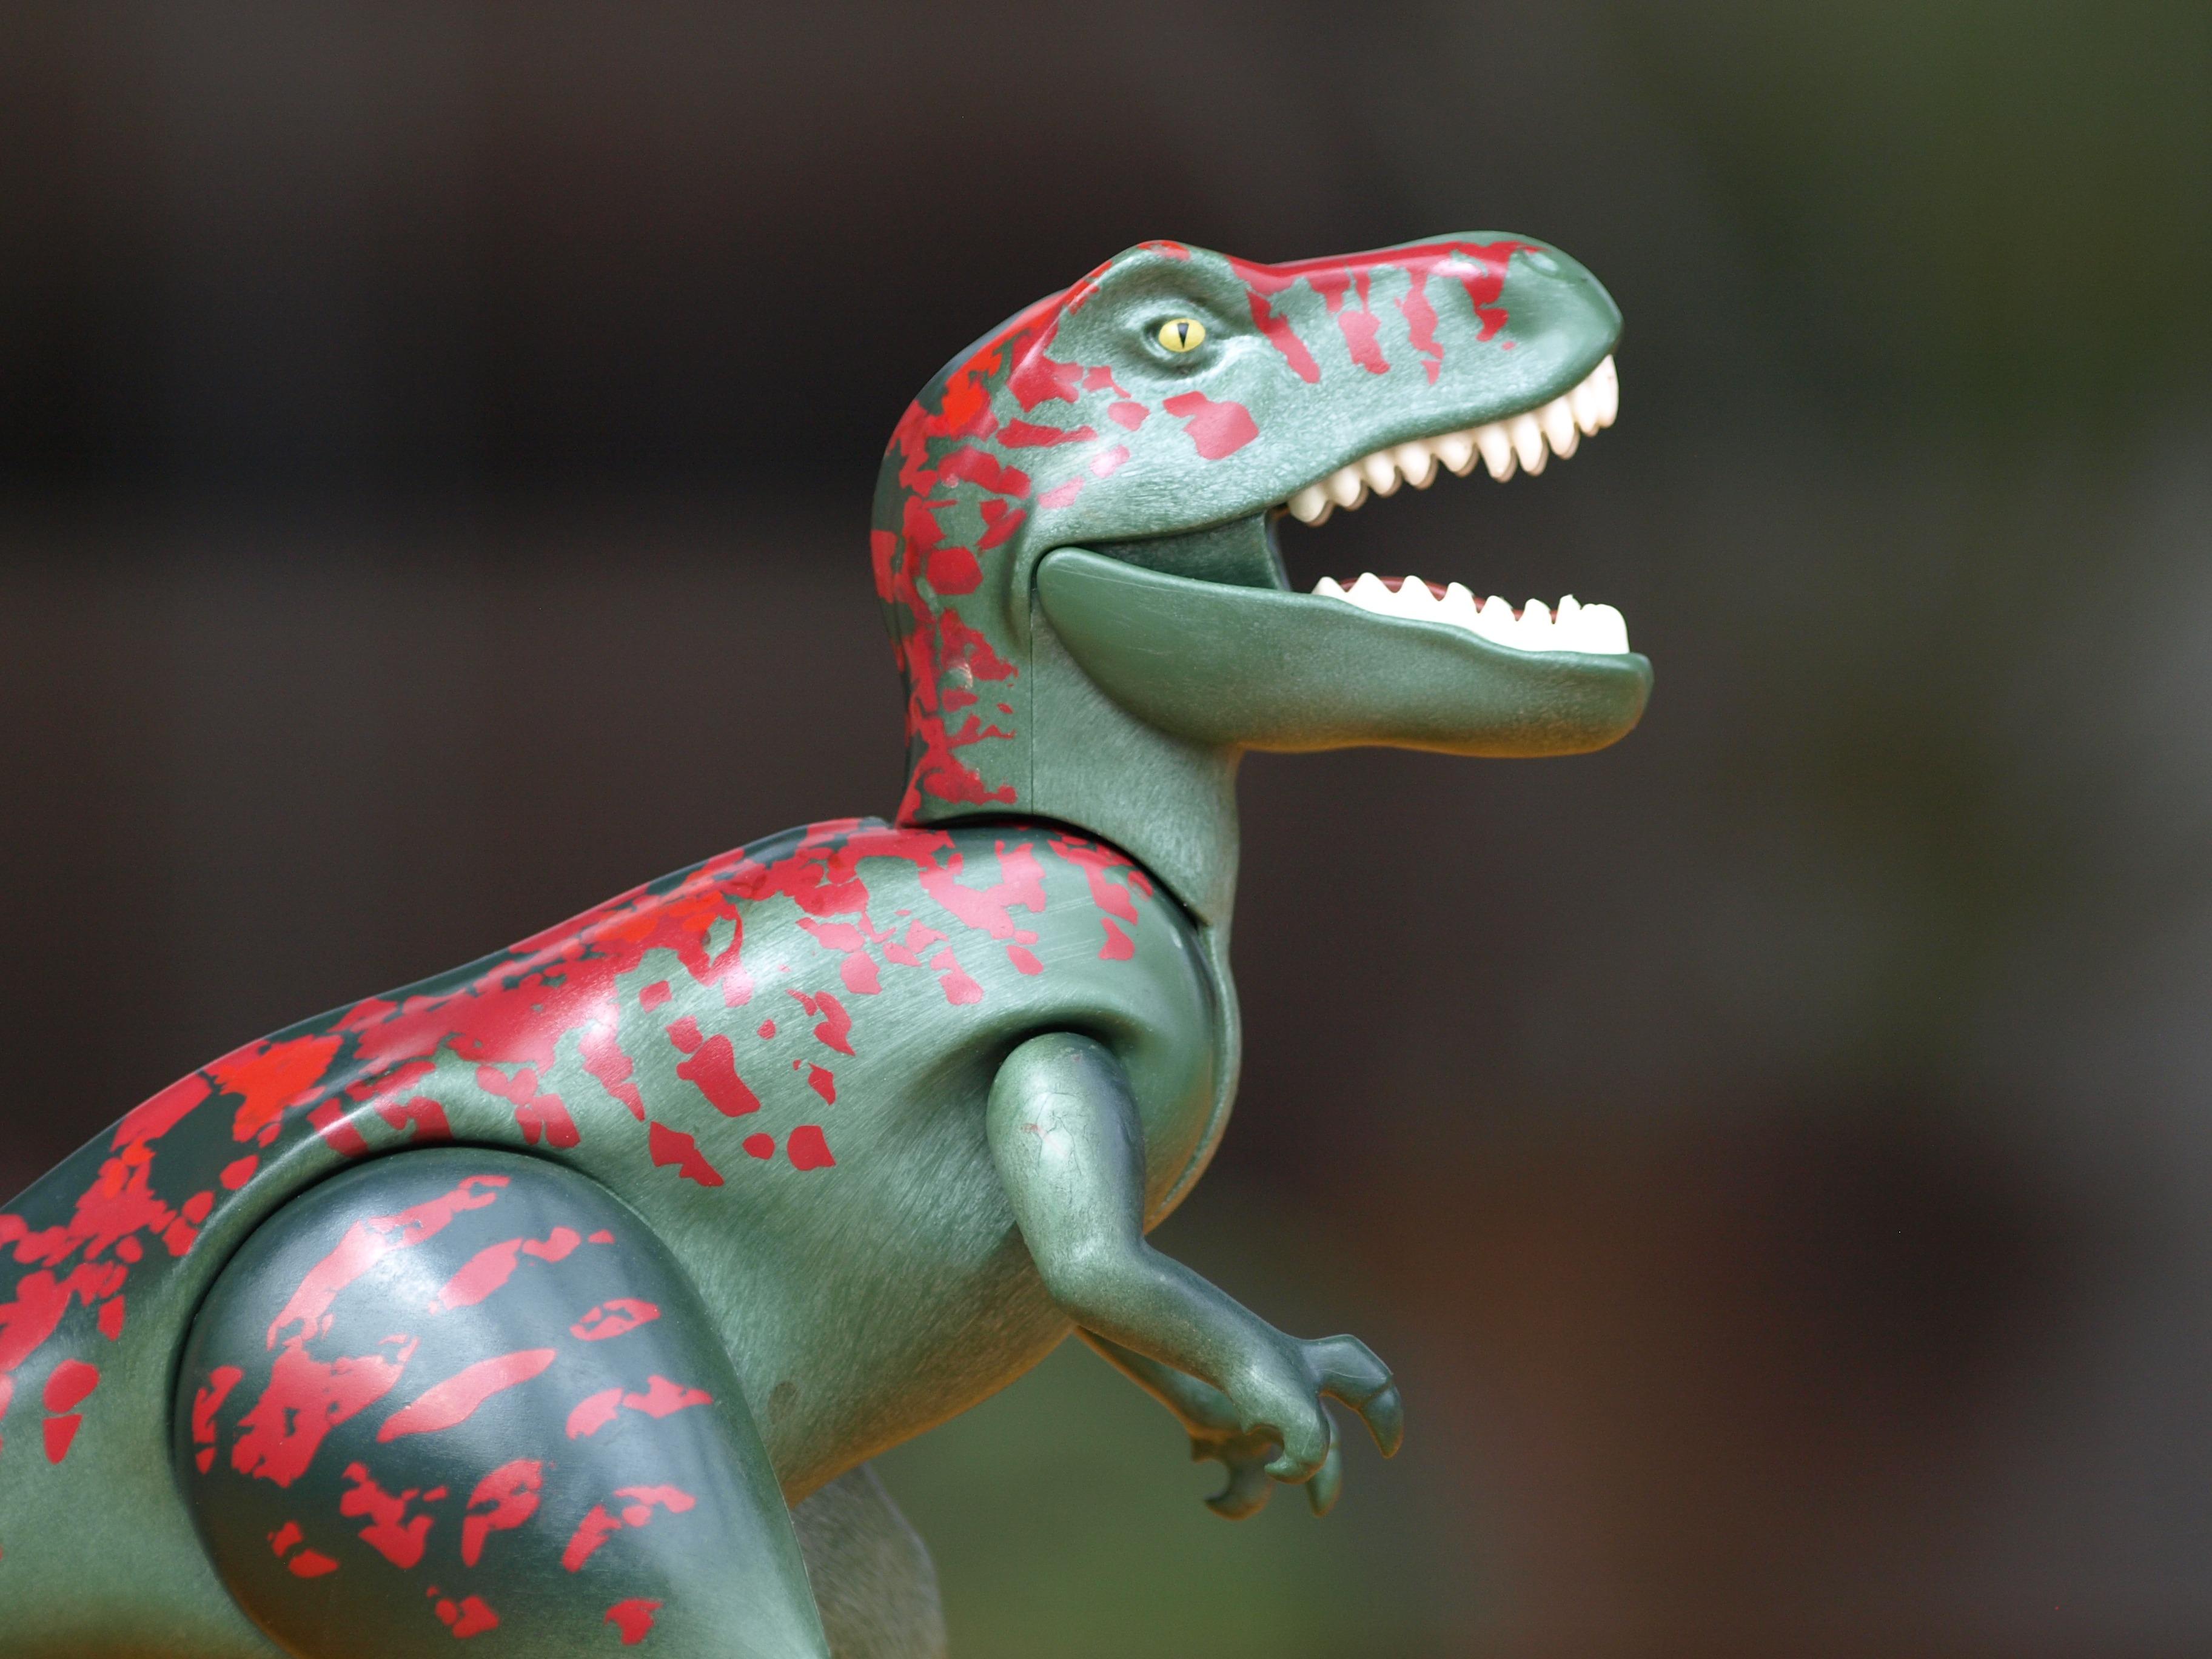 Free images fauna tyrannosaurus rex playmobil toys for Playmobil dinosaurios